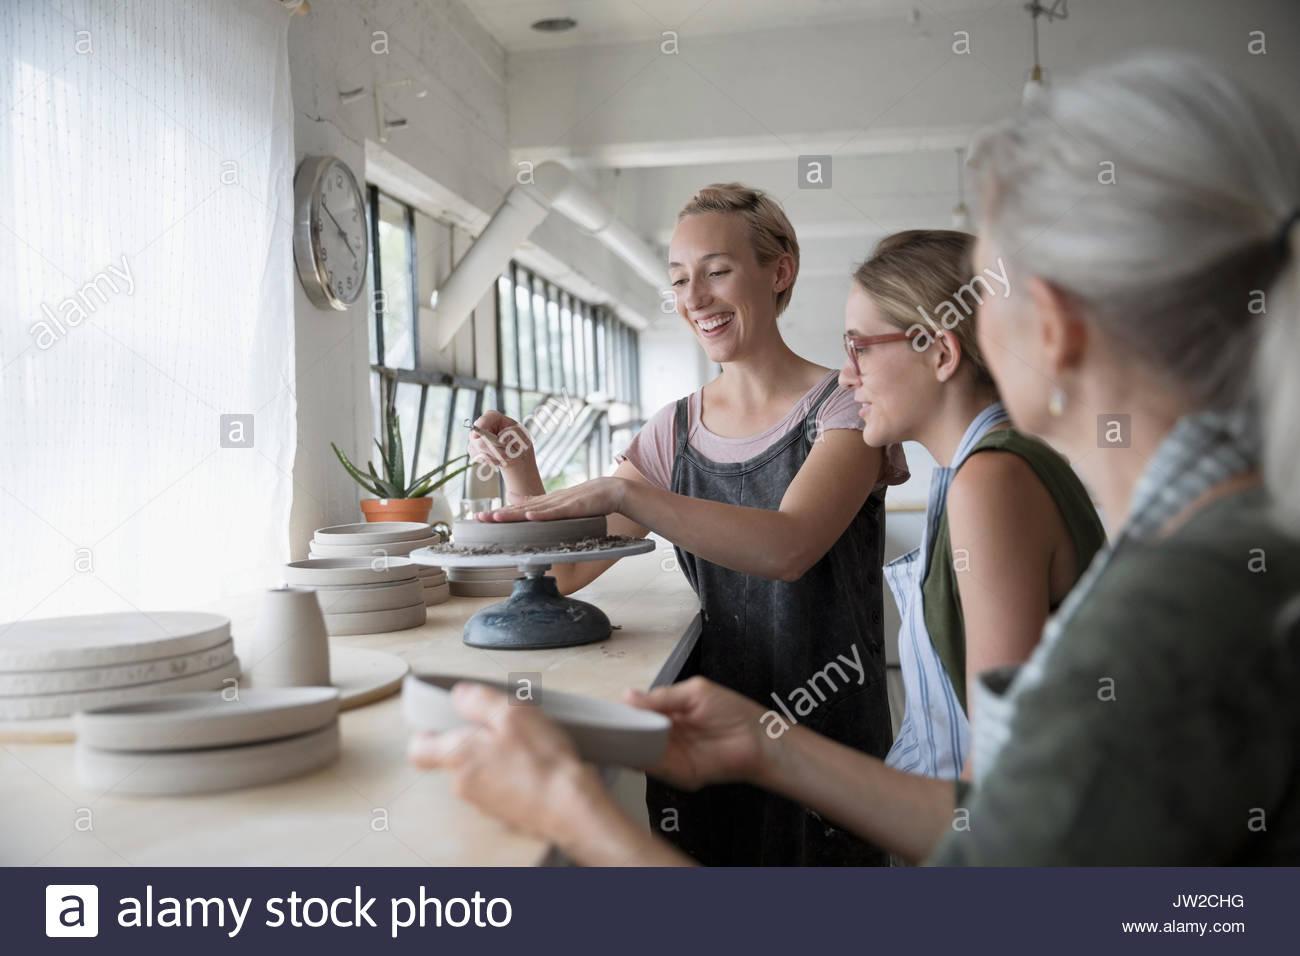 Instructora sonriente explicando el barro a estudiantes en art studio Imagen De Stock